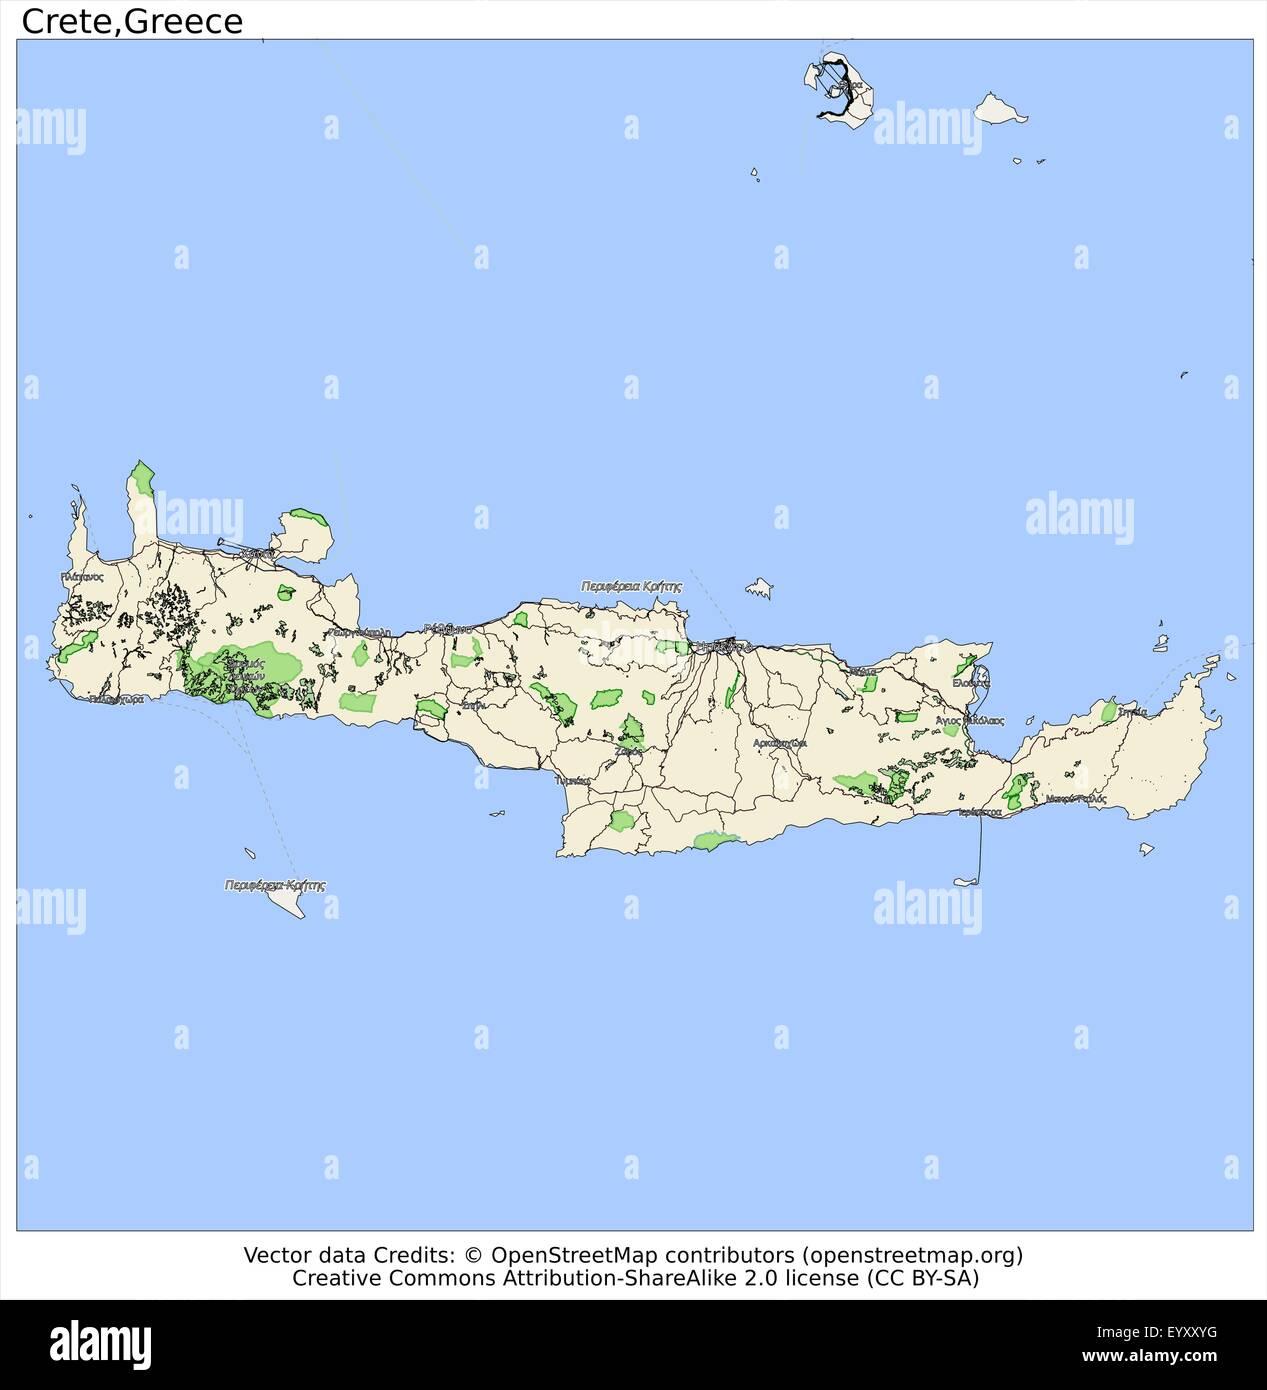 Cartina Geografica Dell Isola Di Creta.Creta Grecia Paese Isola Citta Membro Ubicazione Sulla Mappa Immagine E Vettoriale Alamy